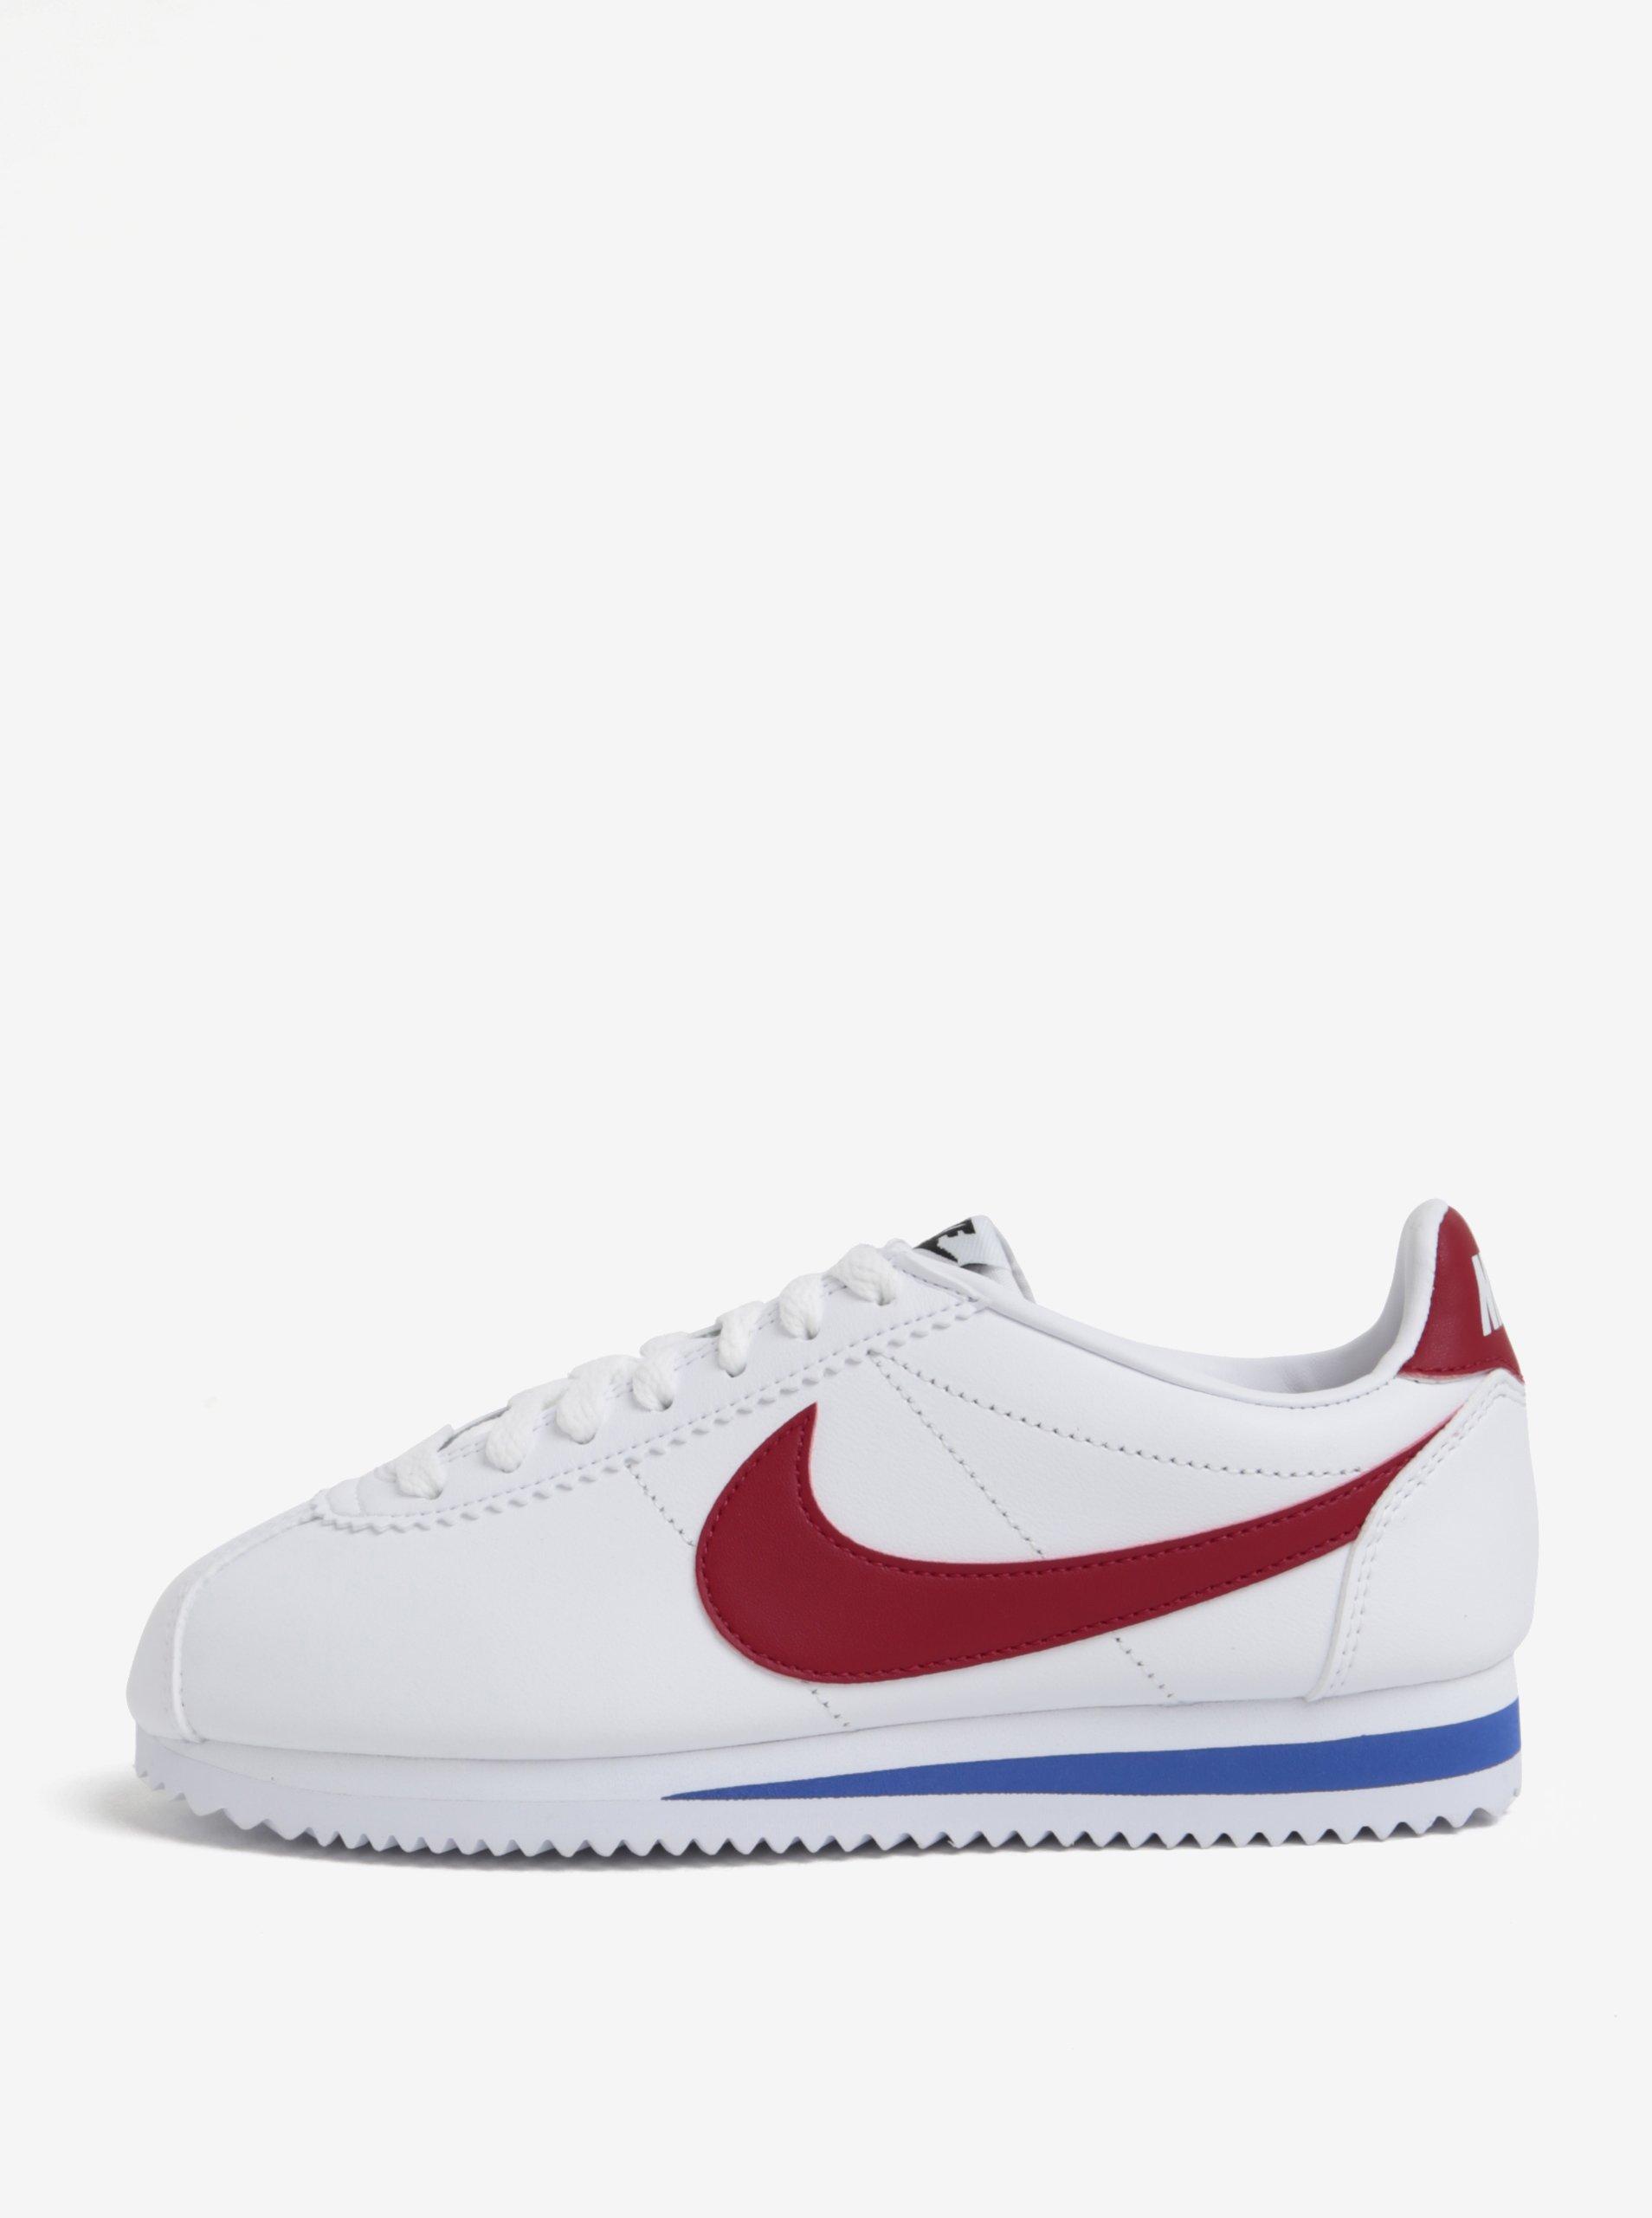 a828296b643 Bílé dámské kožené tenisky Nike Classic Cortez